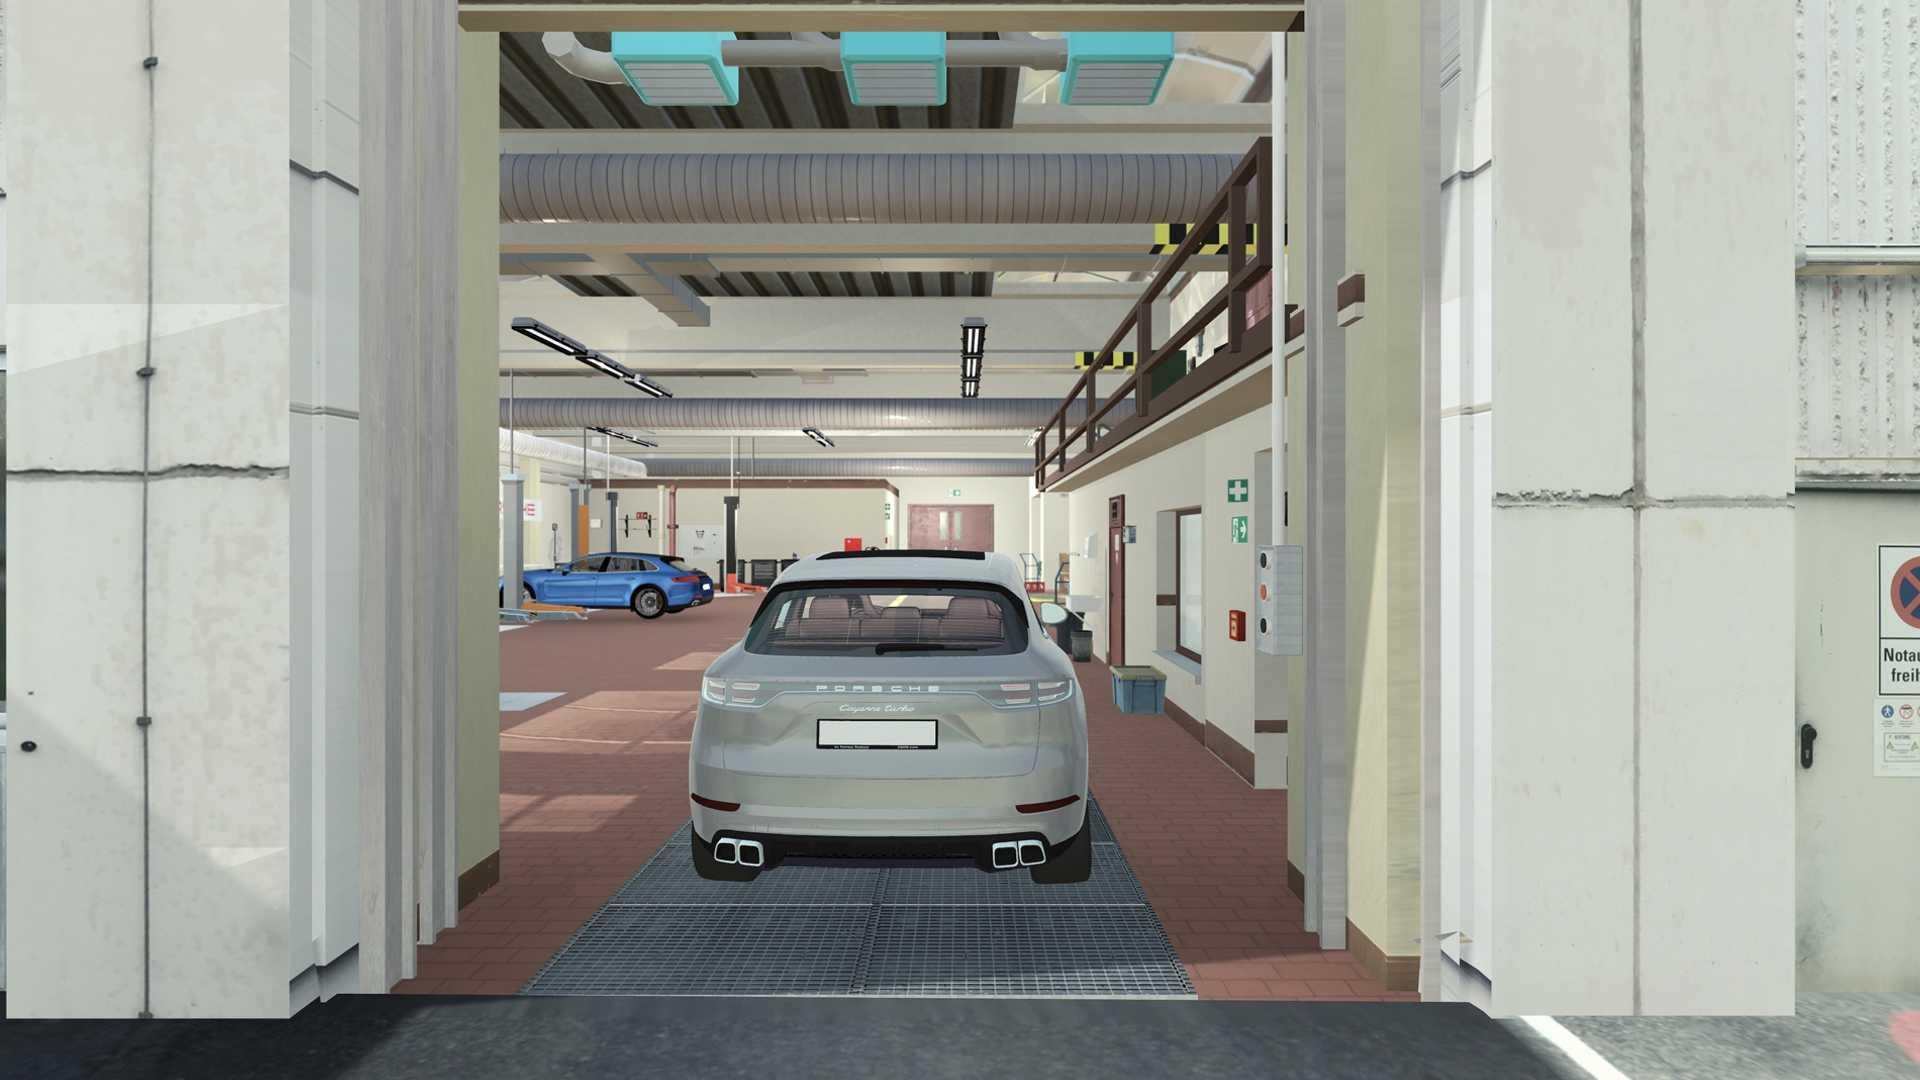 保时捷测试自动驾驶新用途 让车辆自动进车间